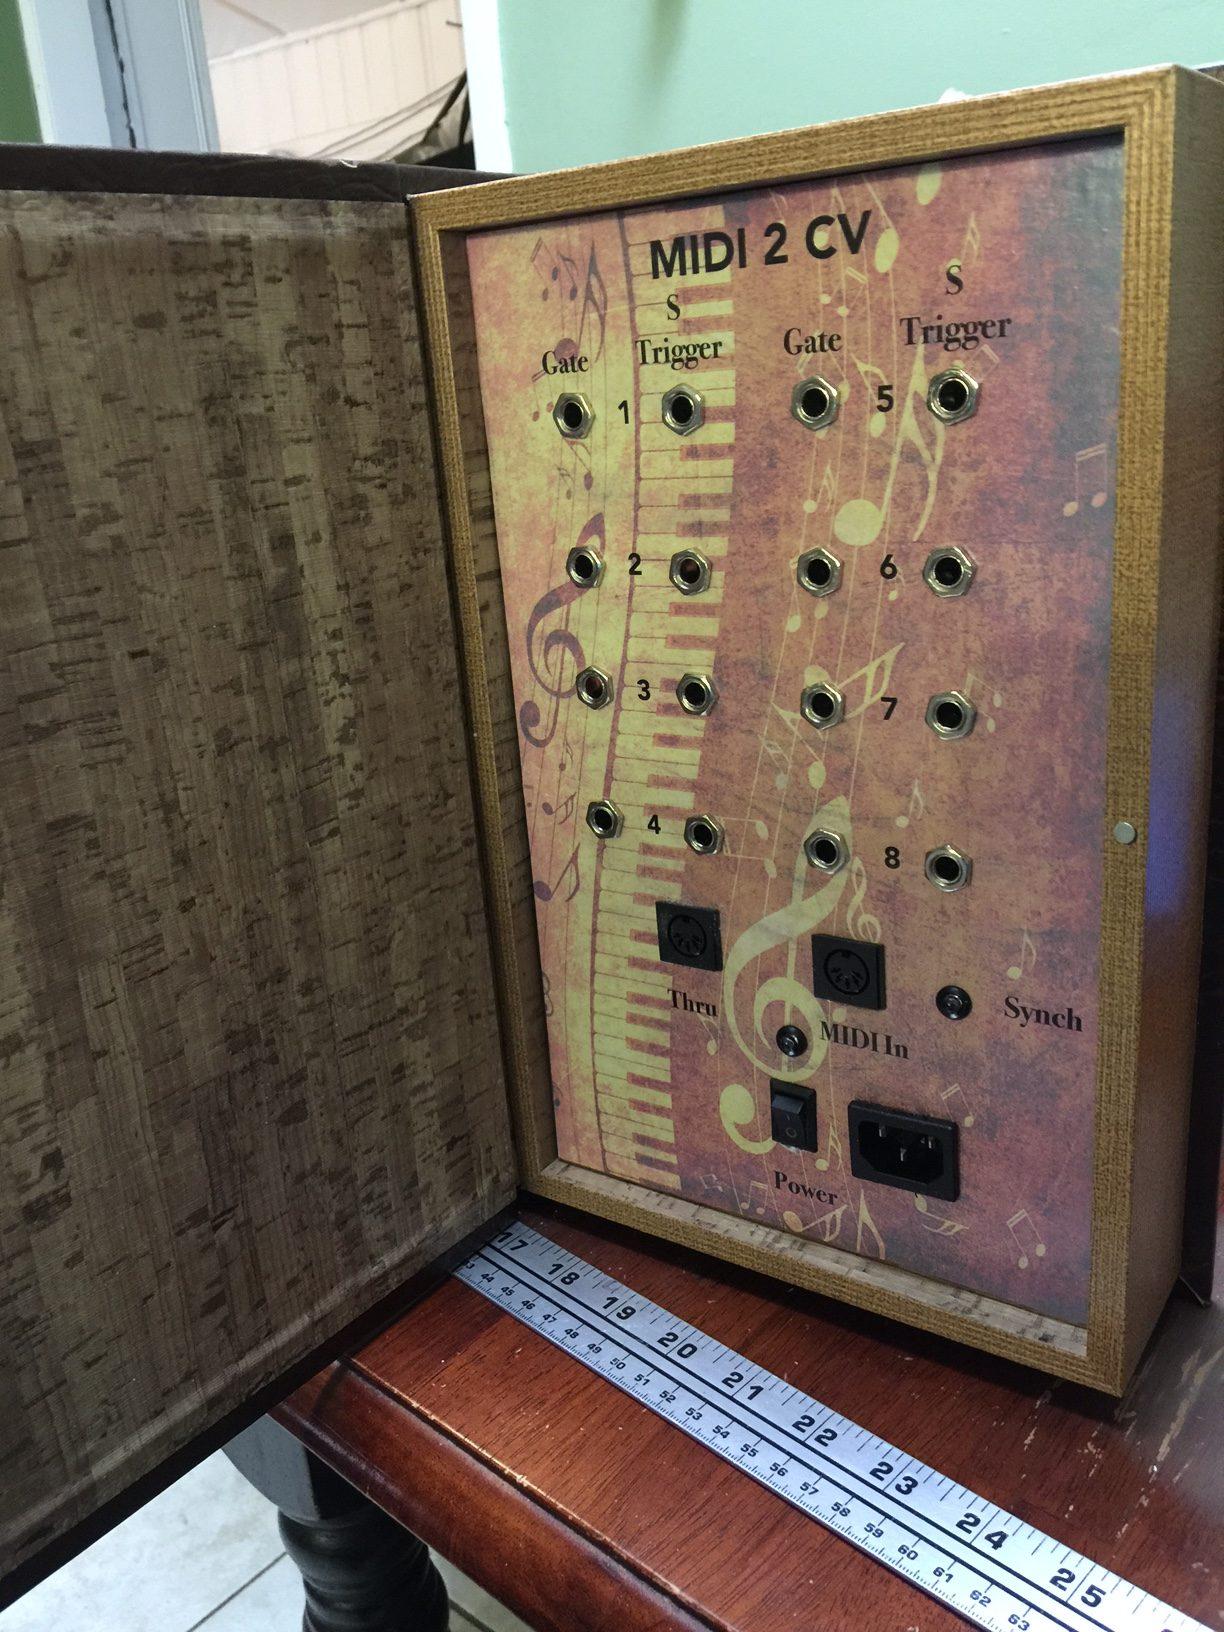 The Book of MIDI